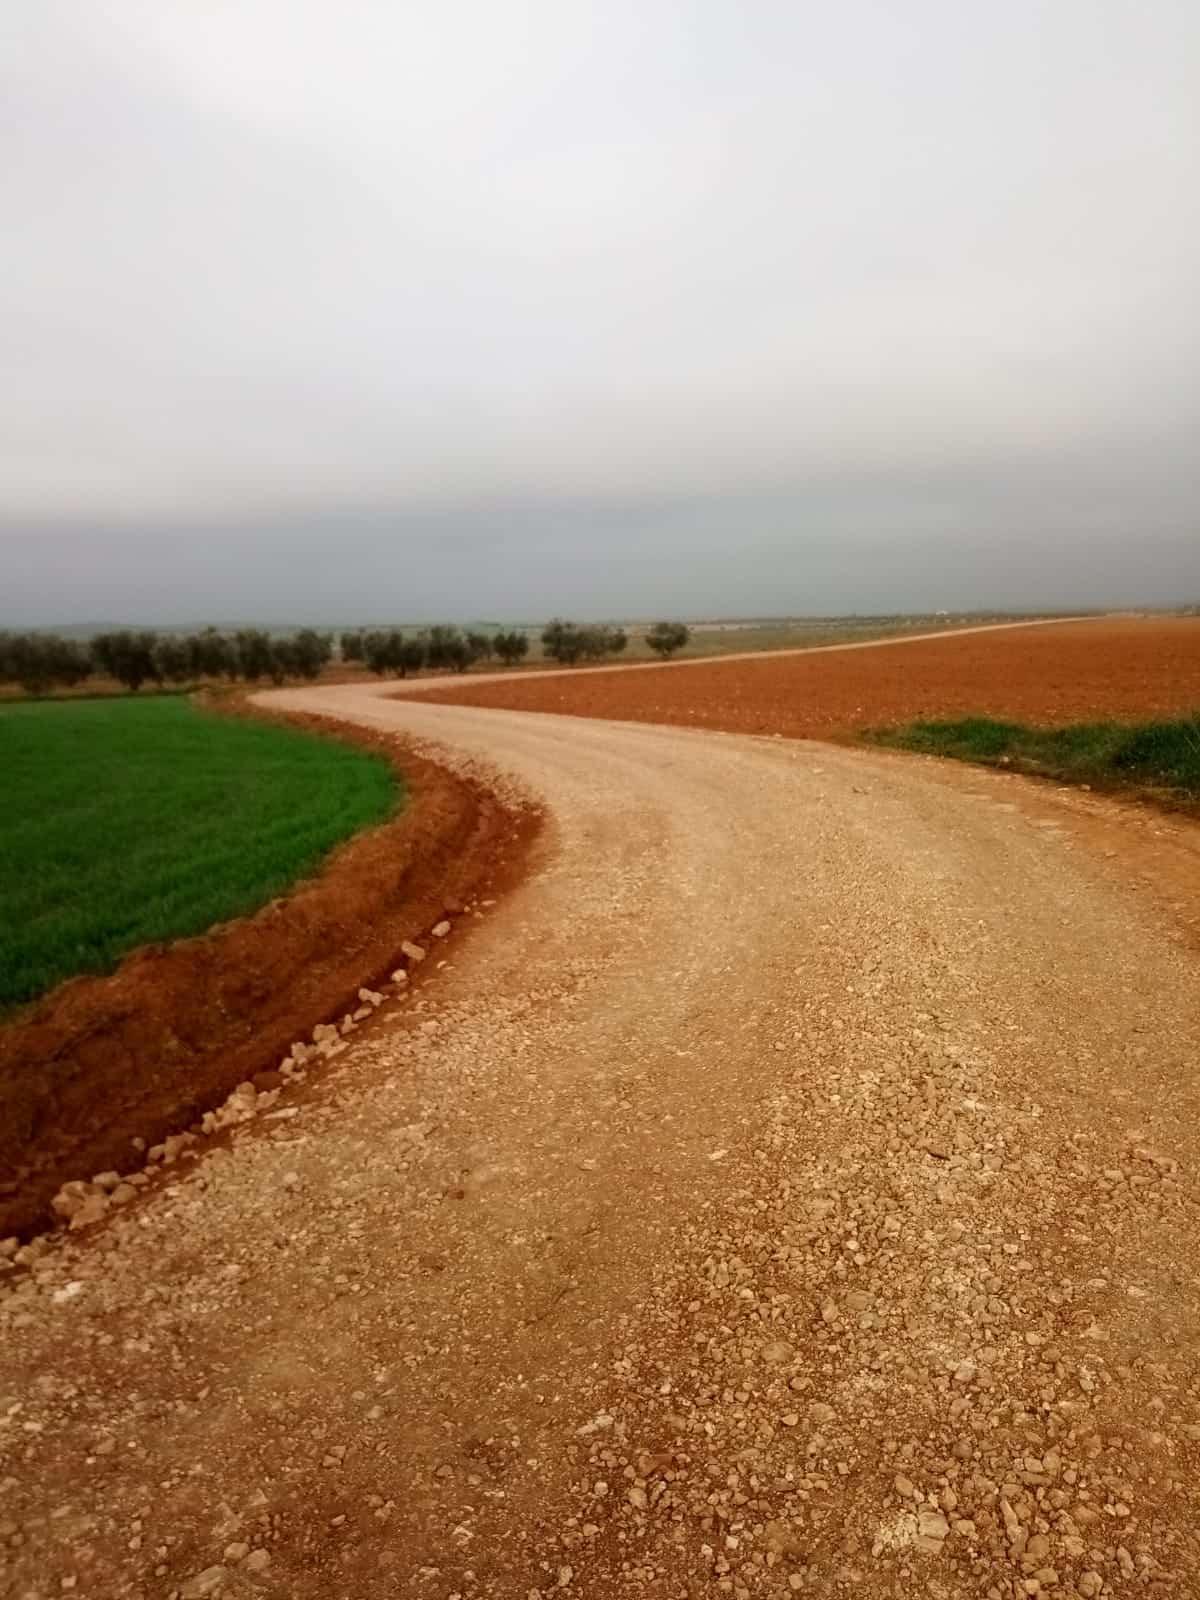 Se arreglaron 16 kilómetros de caminos rurales en Torralba de Calatrava 1